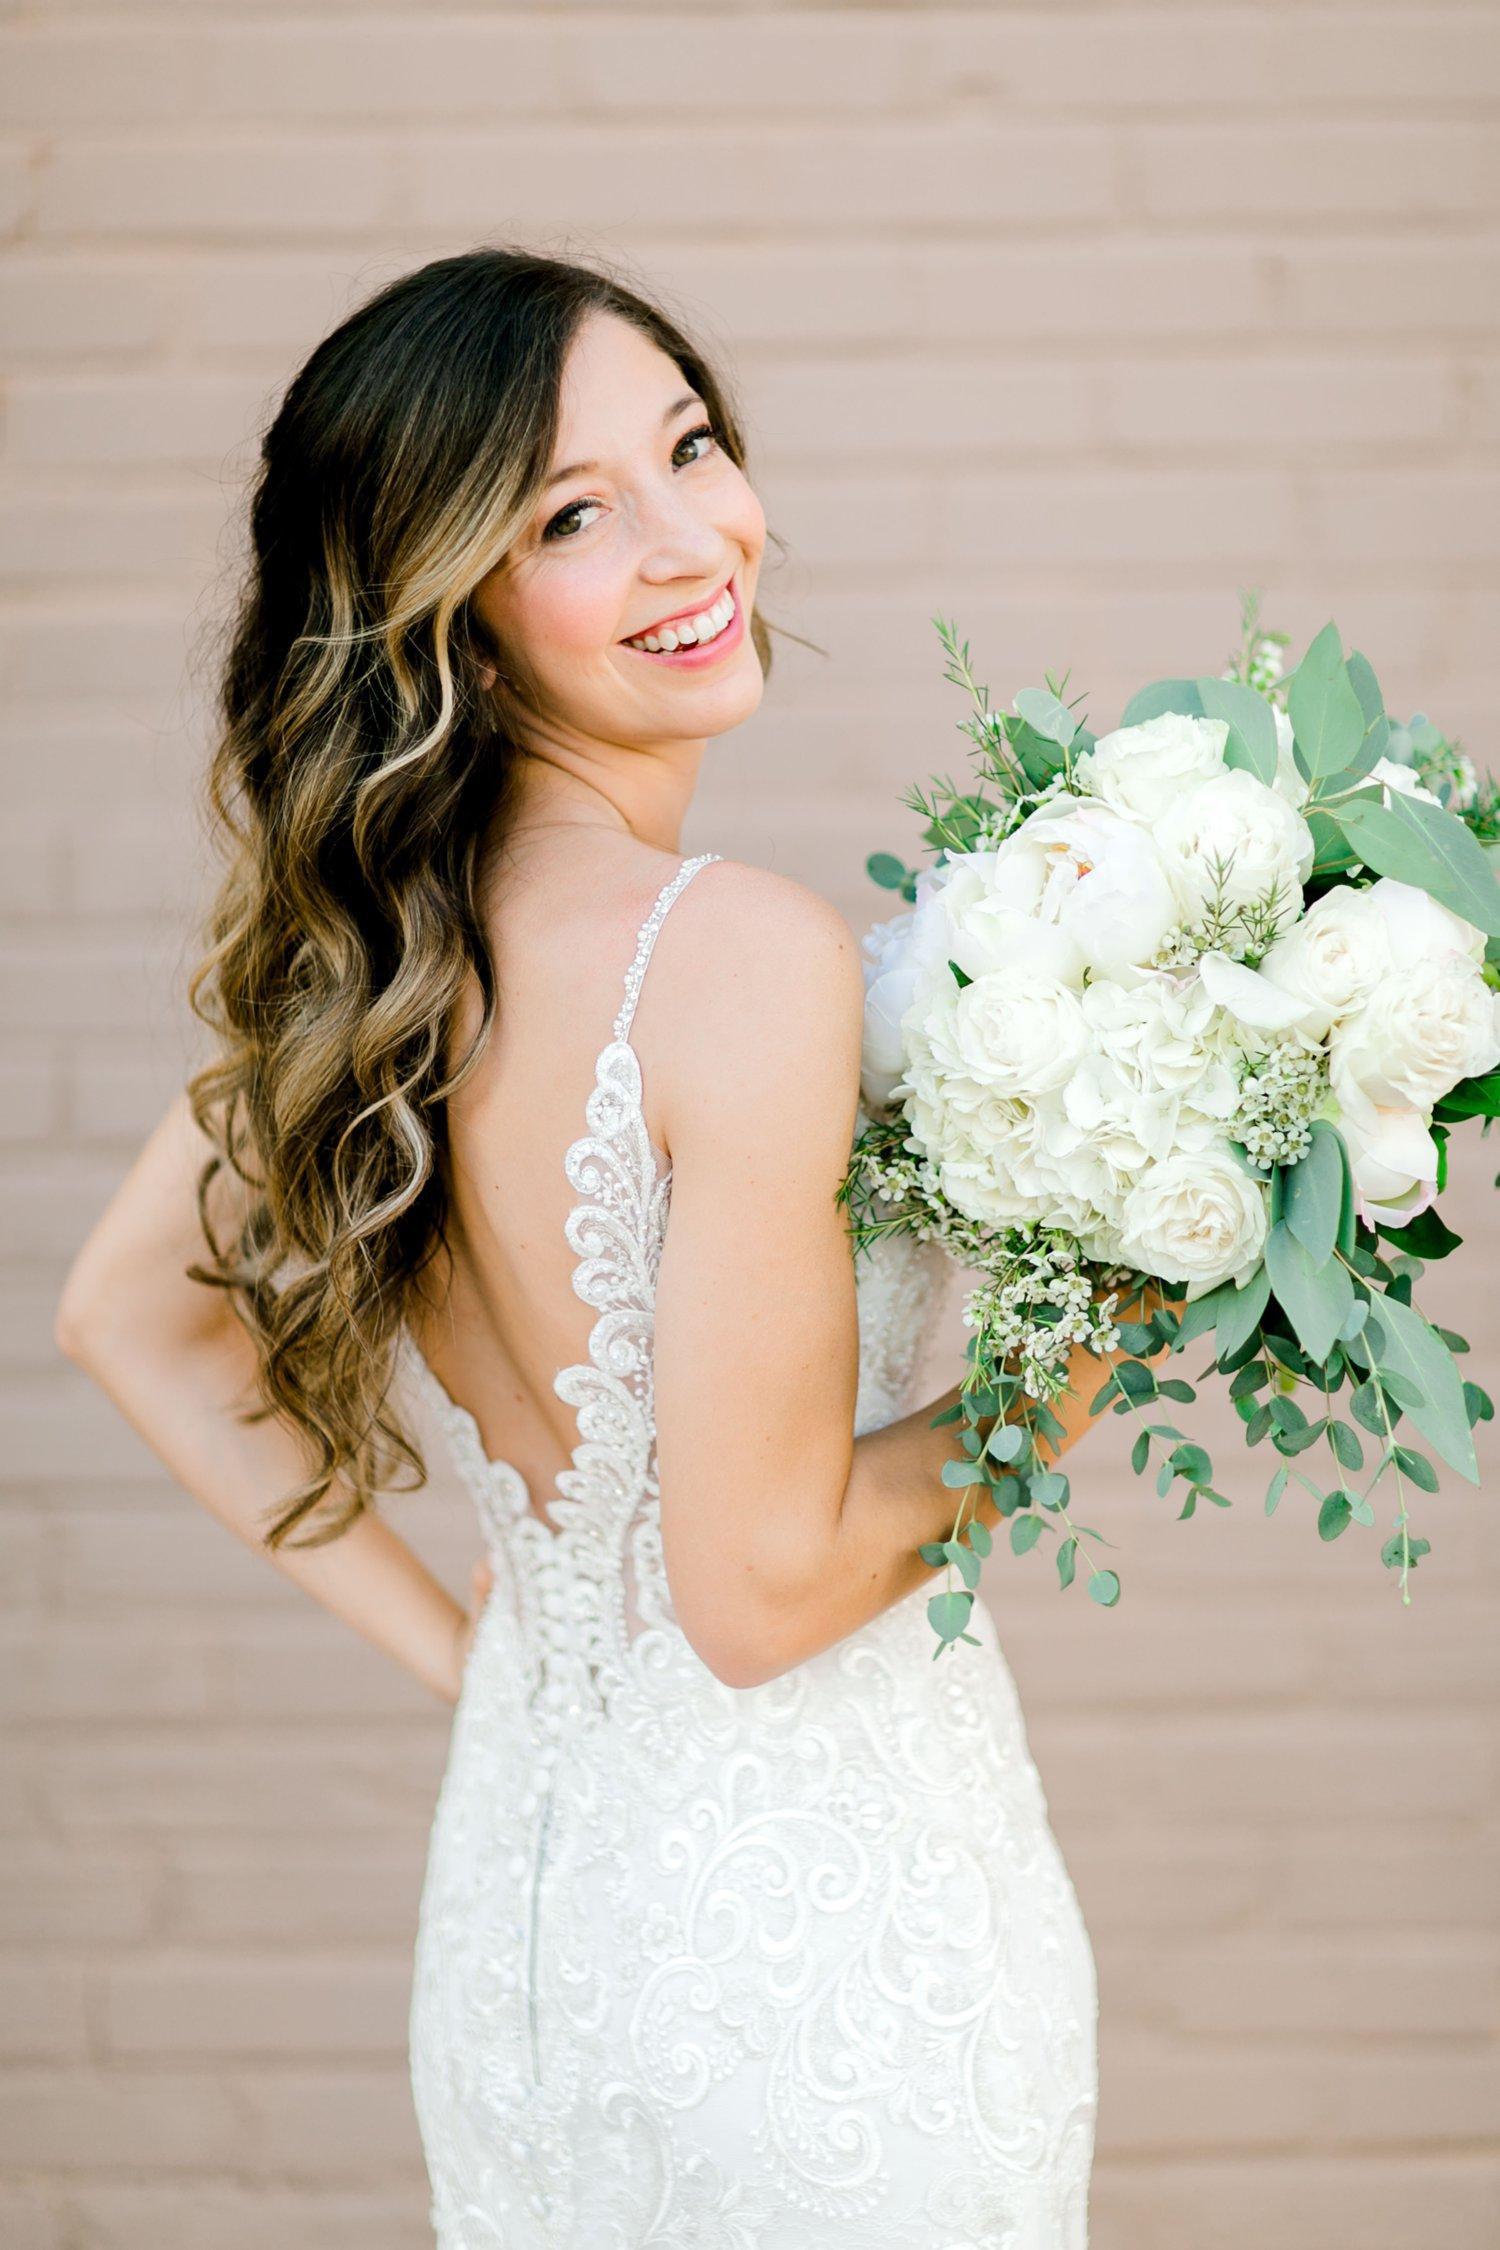 Ashley_Parr_Bridals_ALLEEJ_caprock_winery_romantic_elegant0014.jpg